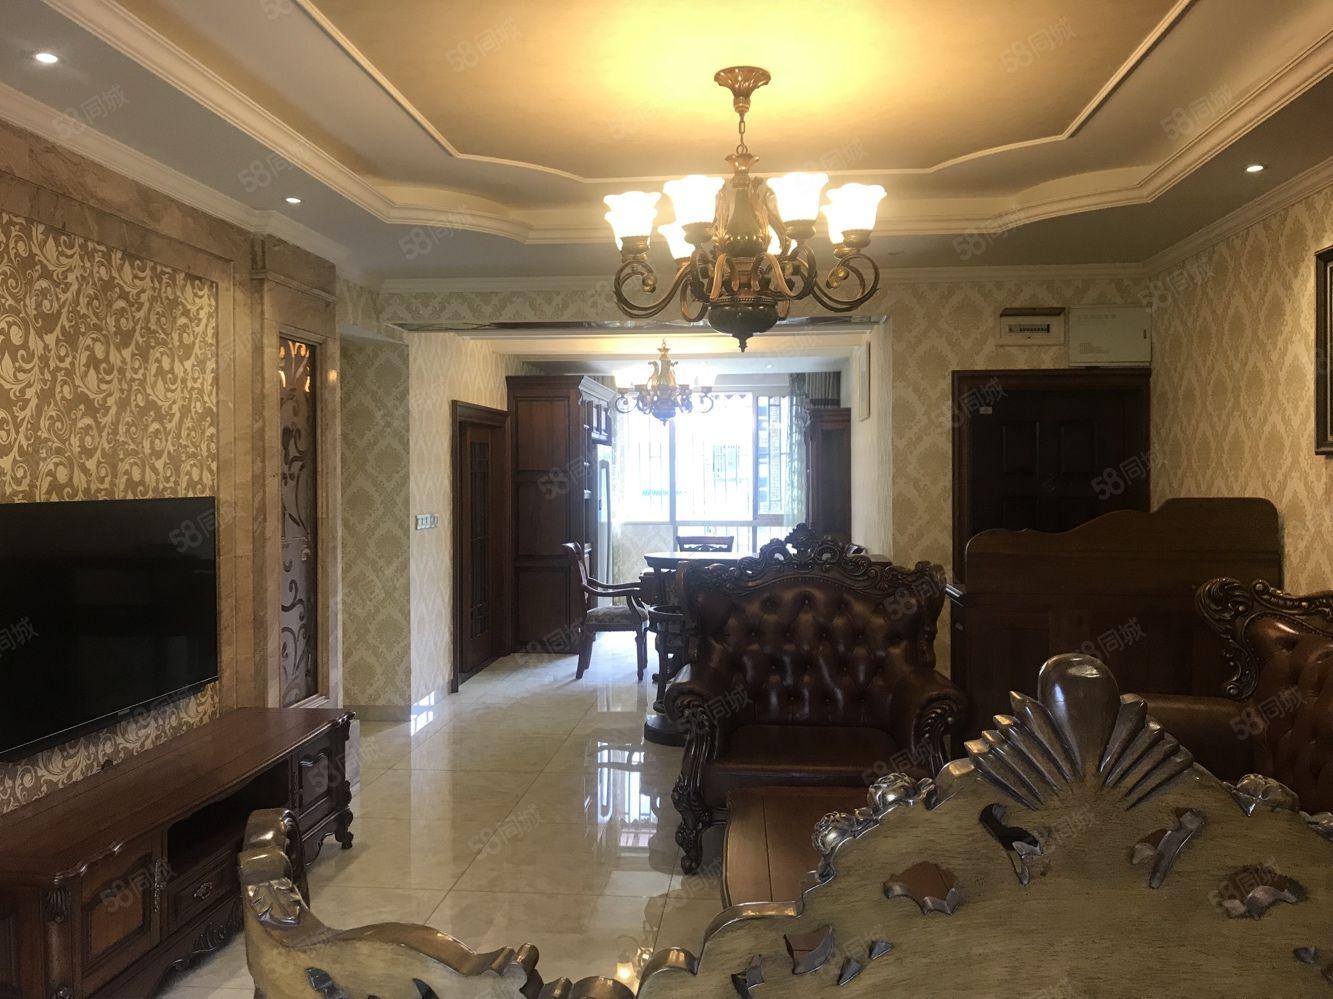 泊林郡豪华装修全实木家具家电齐全3室2厅2卫